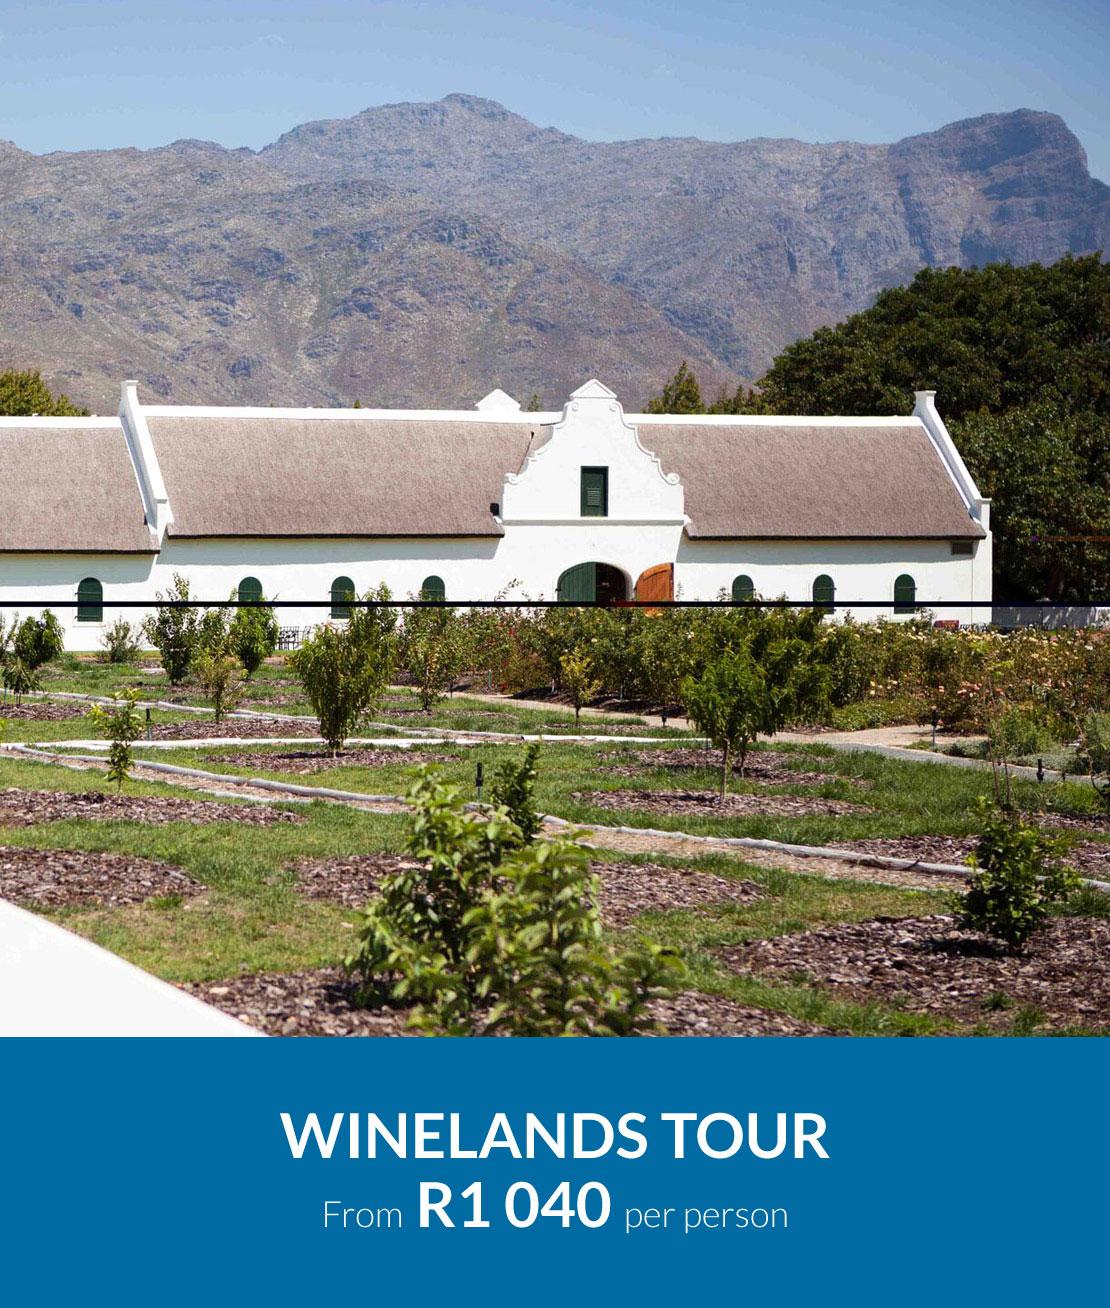 mouille-point-village-winelands-tour